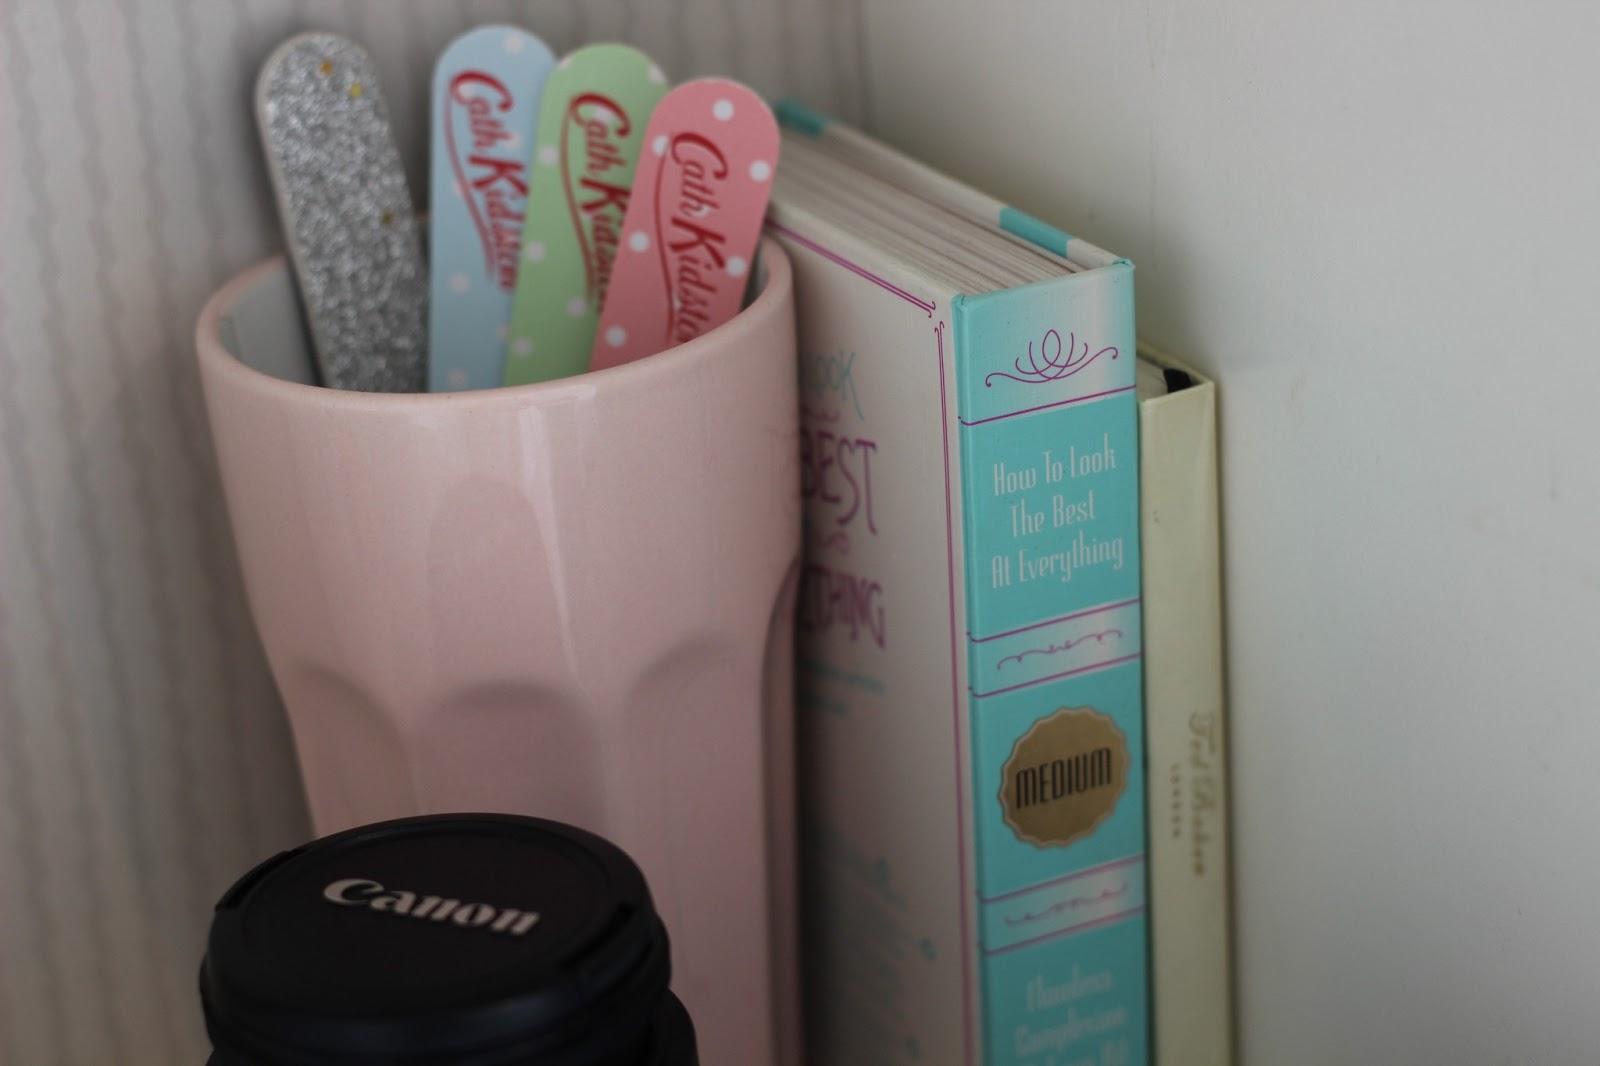 Belles Boutique Uk Beauty Amp Mummy Blog Room Tour